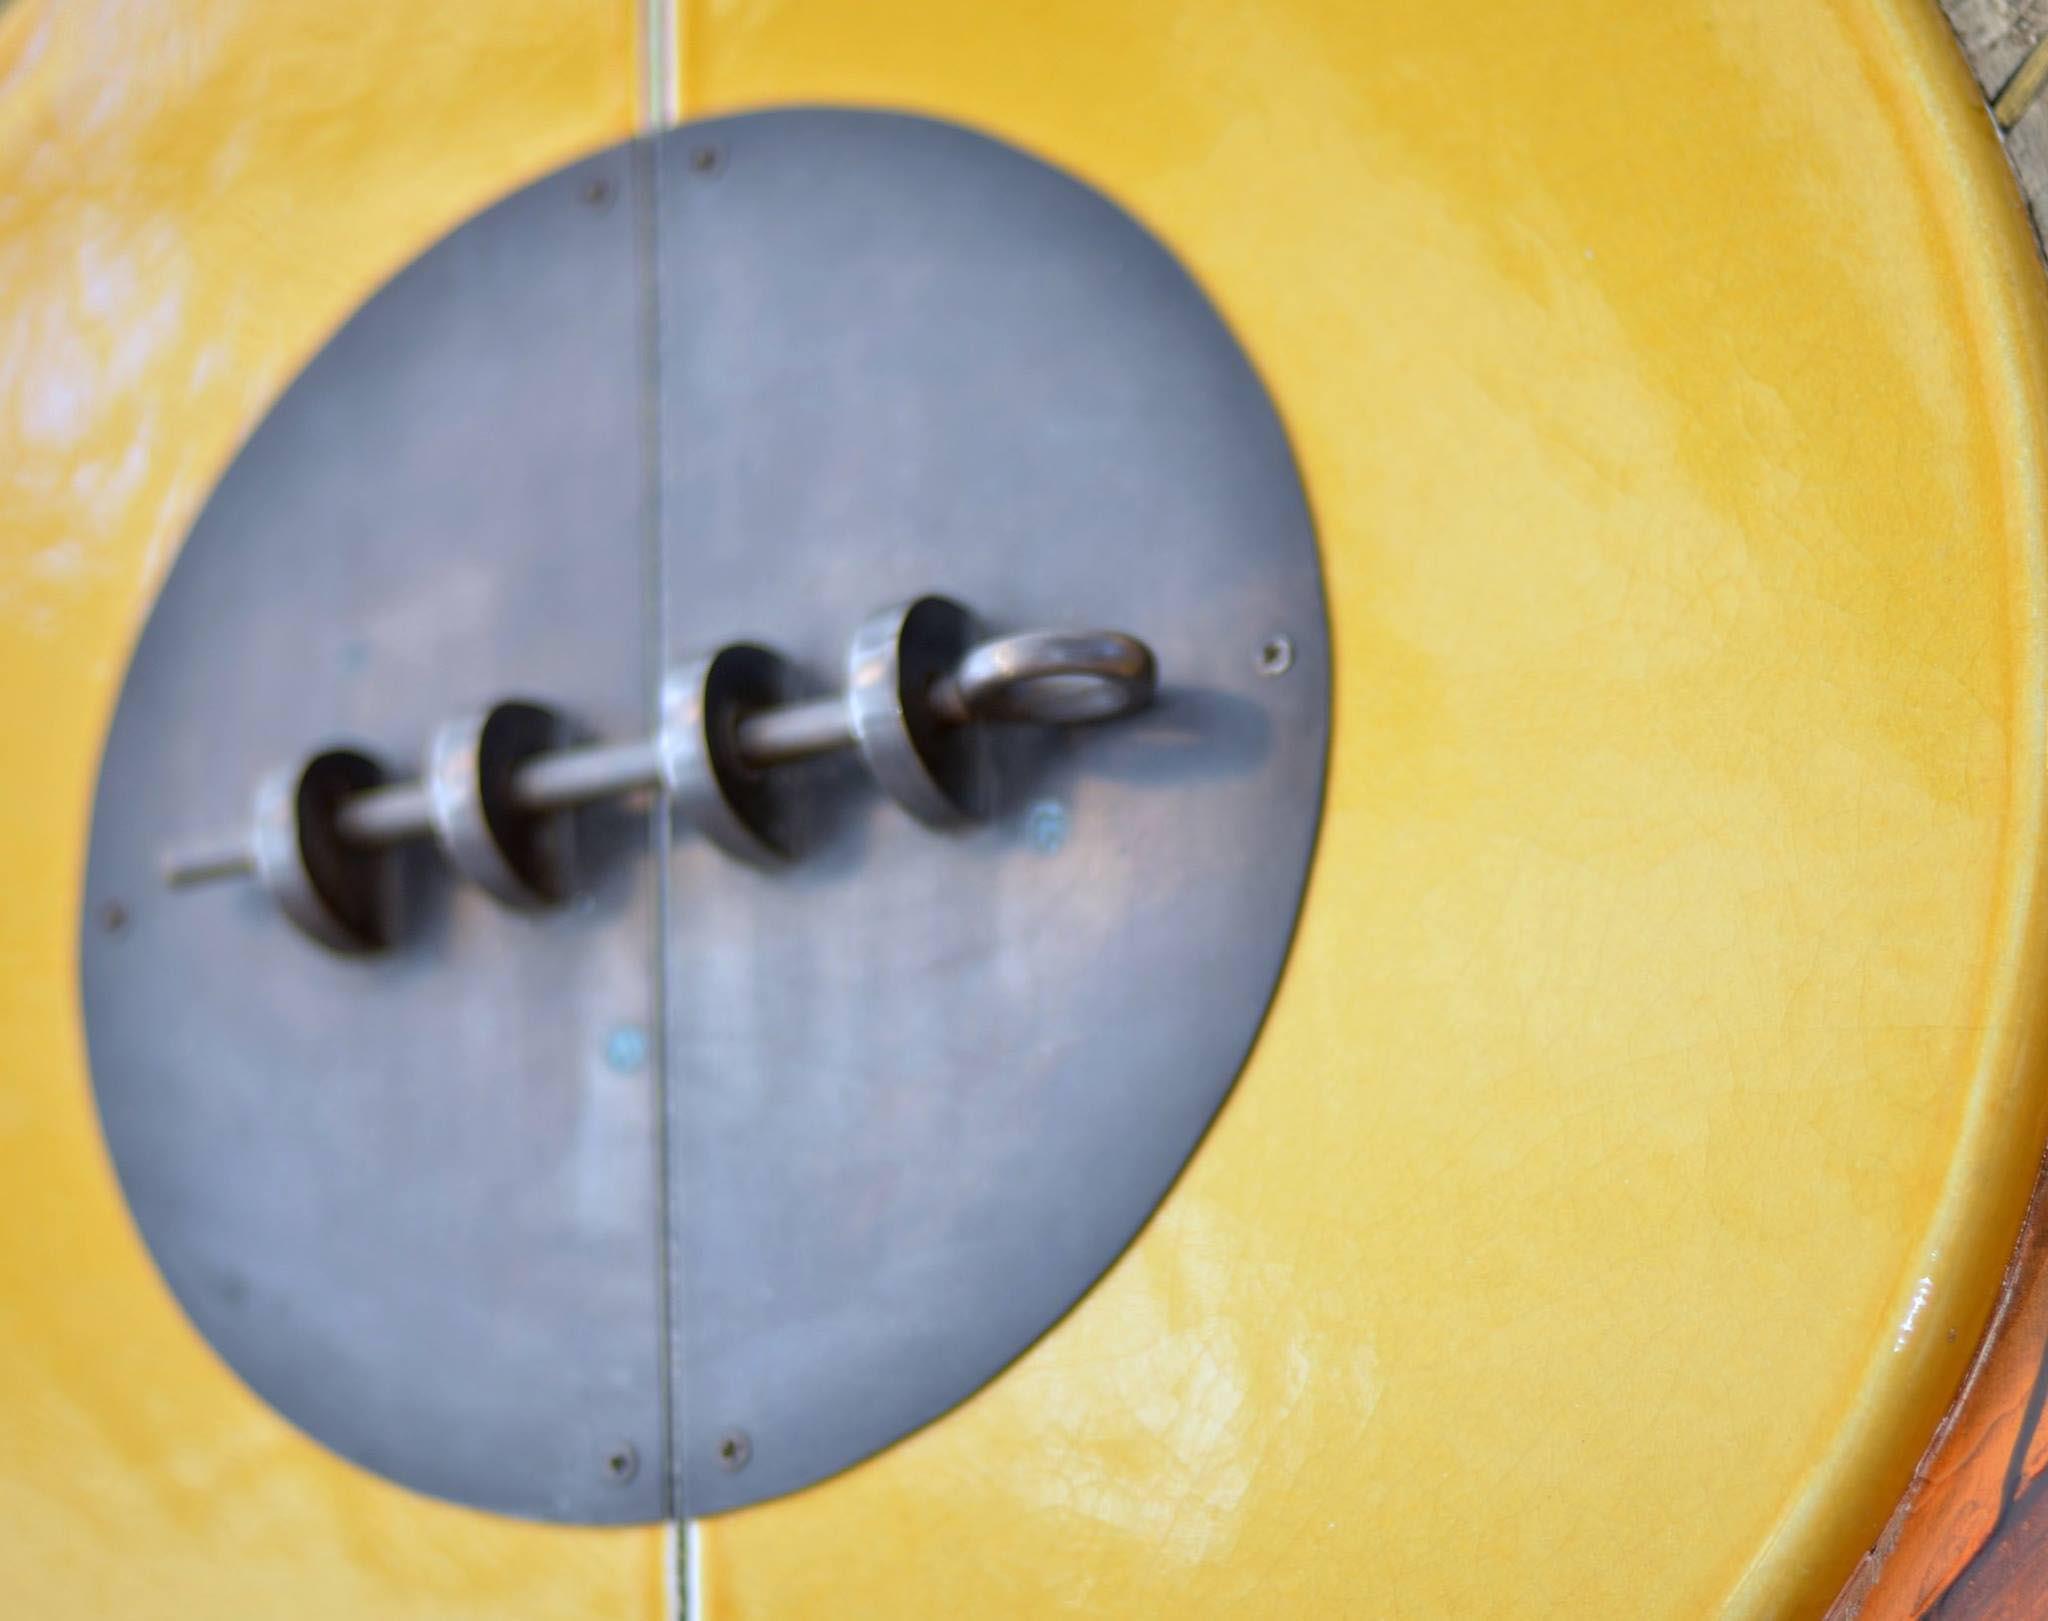 Accesoires-jaune-porte-serrure-métal--bois-teak-nature-couleur-lave-volcan-émaille-céramique-France-LuxeAccesoires-jaune-porte-serrure-métal--bois-teak-nature-couleur-lave-volcan-émaille-céramique-France-Luxe